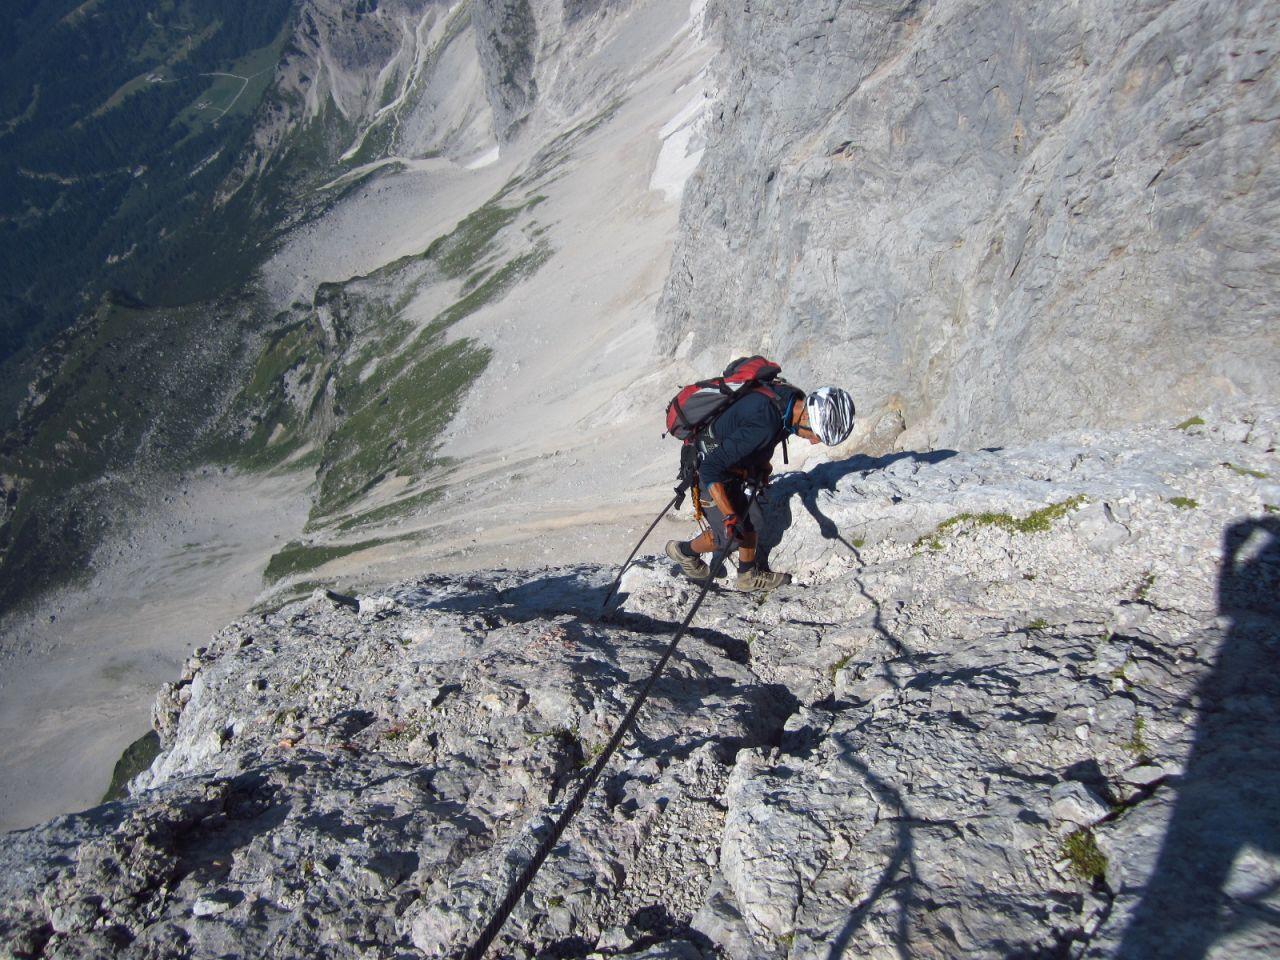 Klettersteig Dachstein : Grundkurs klettersteig am hohen dachstein m mit